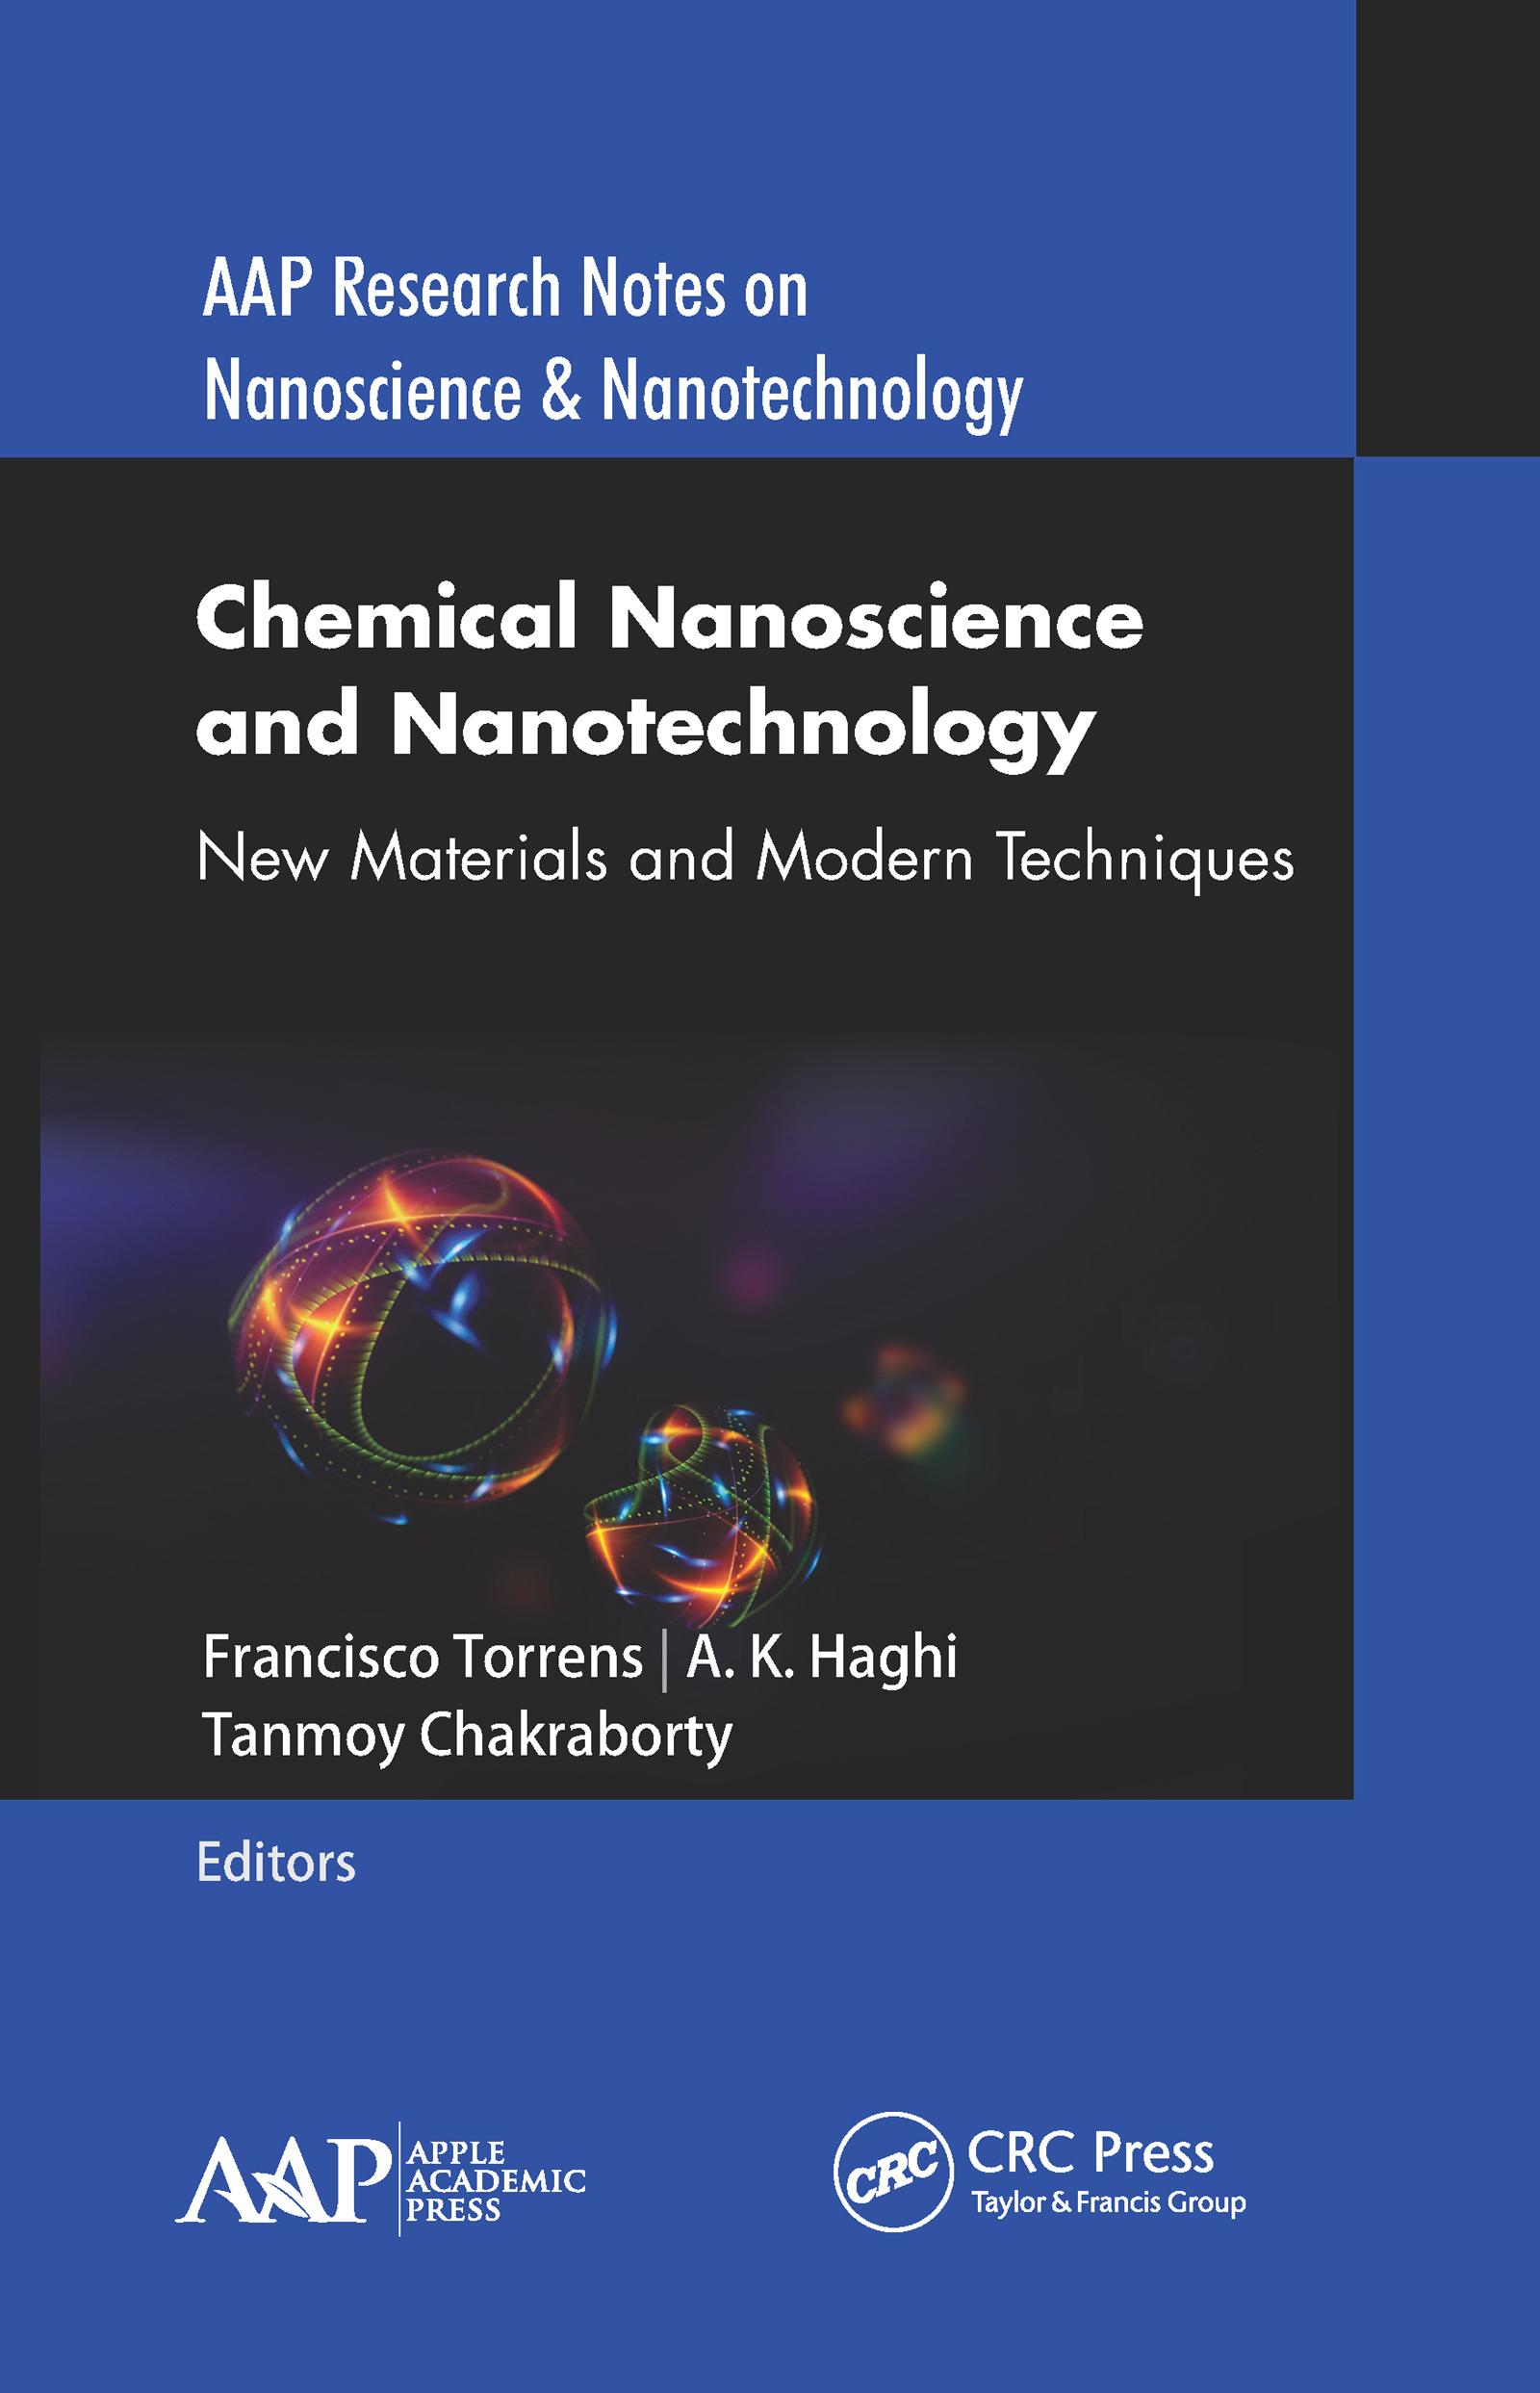 Chemical Nanoscience and Nanotechnology